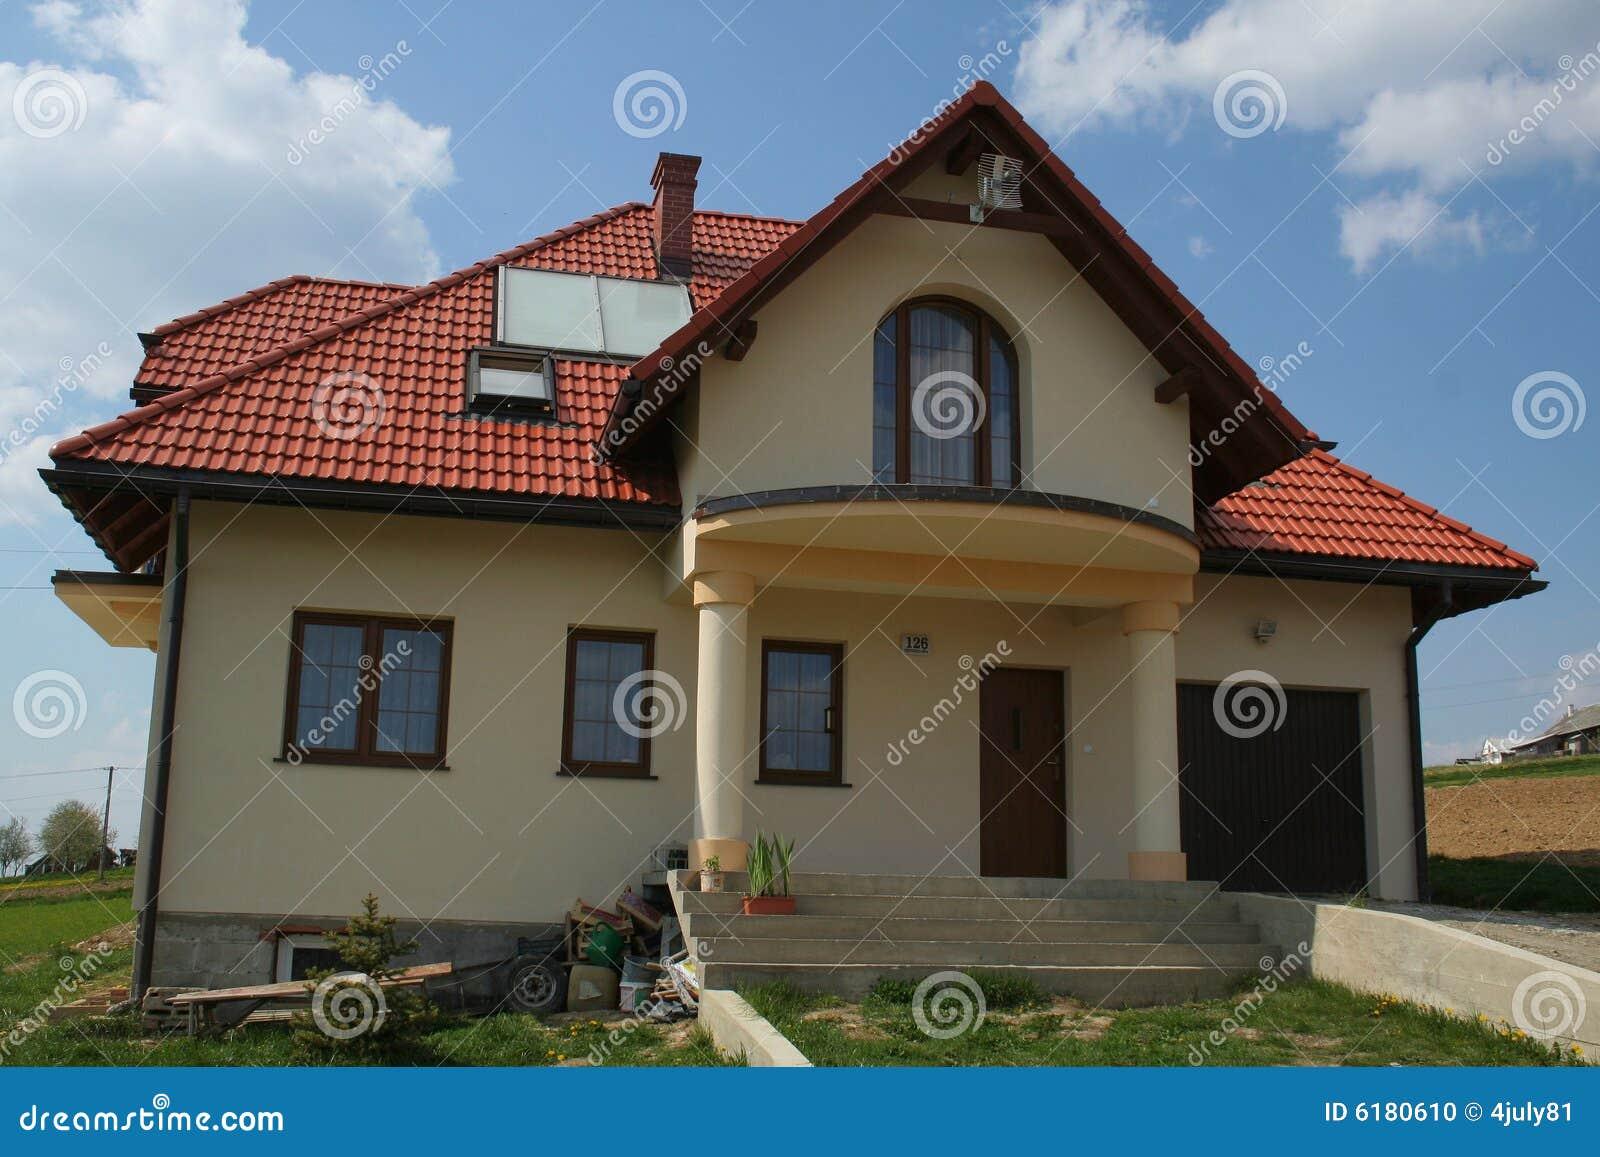 Haus Mit Rotem Dach Stockfoto Bild Von Gras Wande Kamin